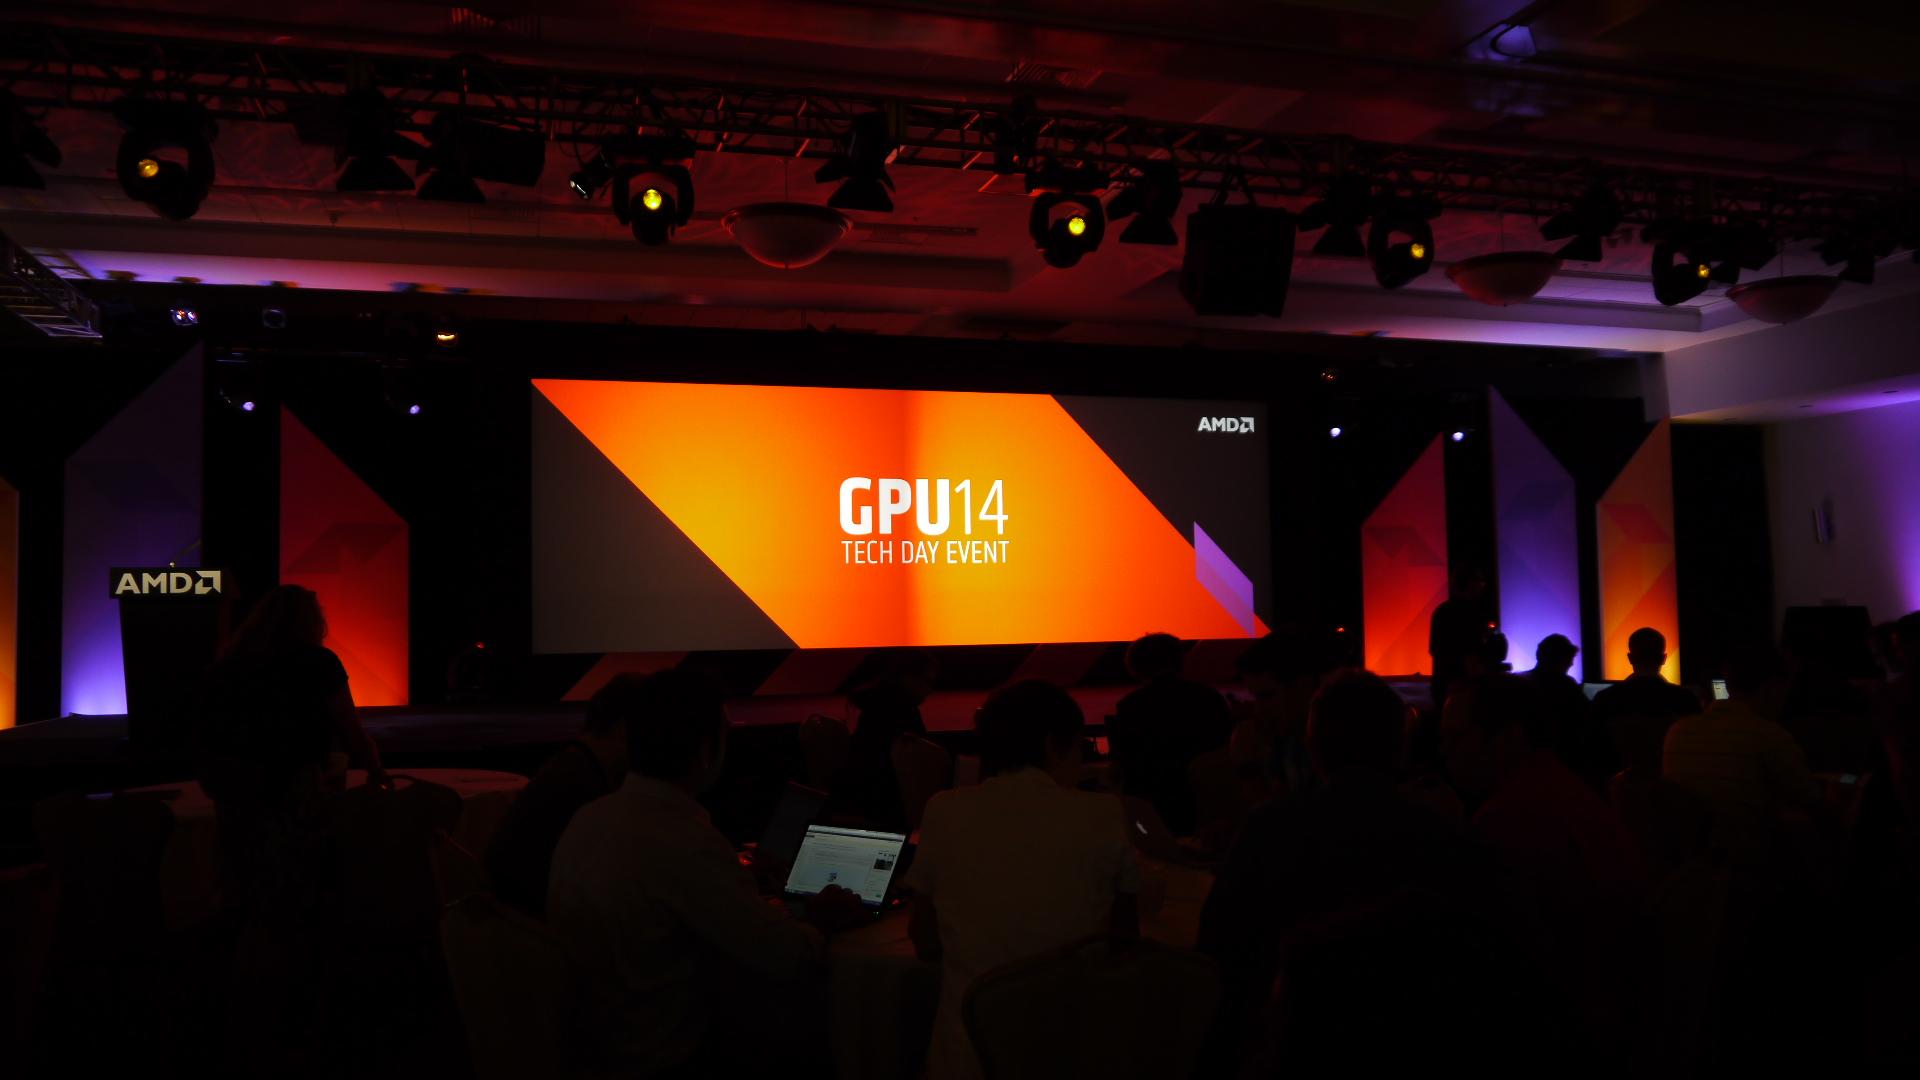 AMD GPU14 Event Live Stream and Live Blog